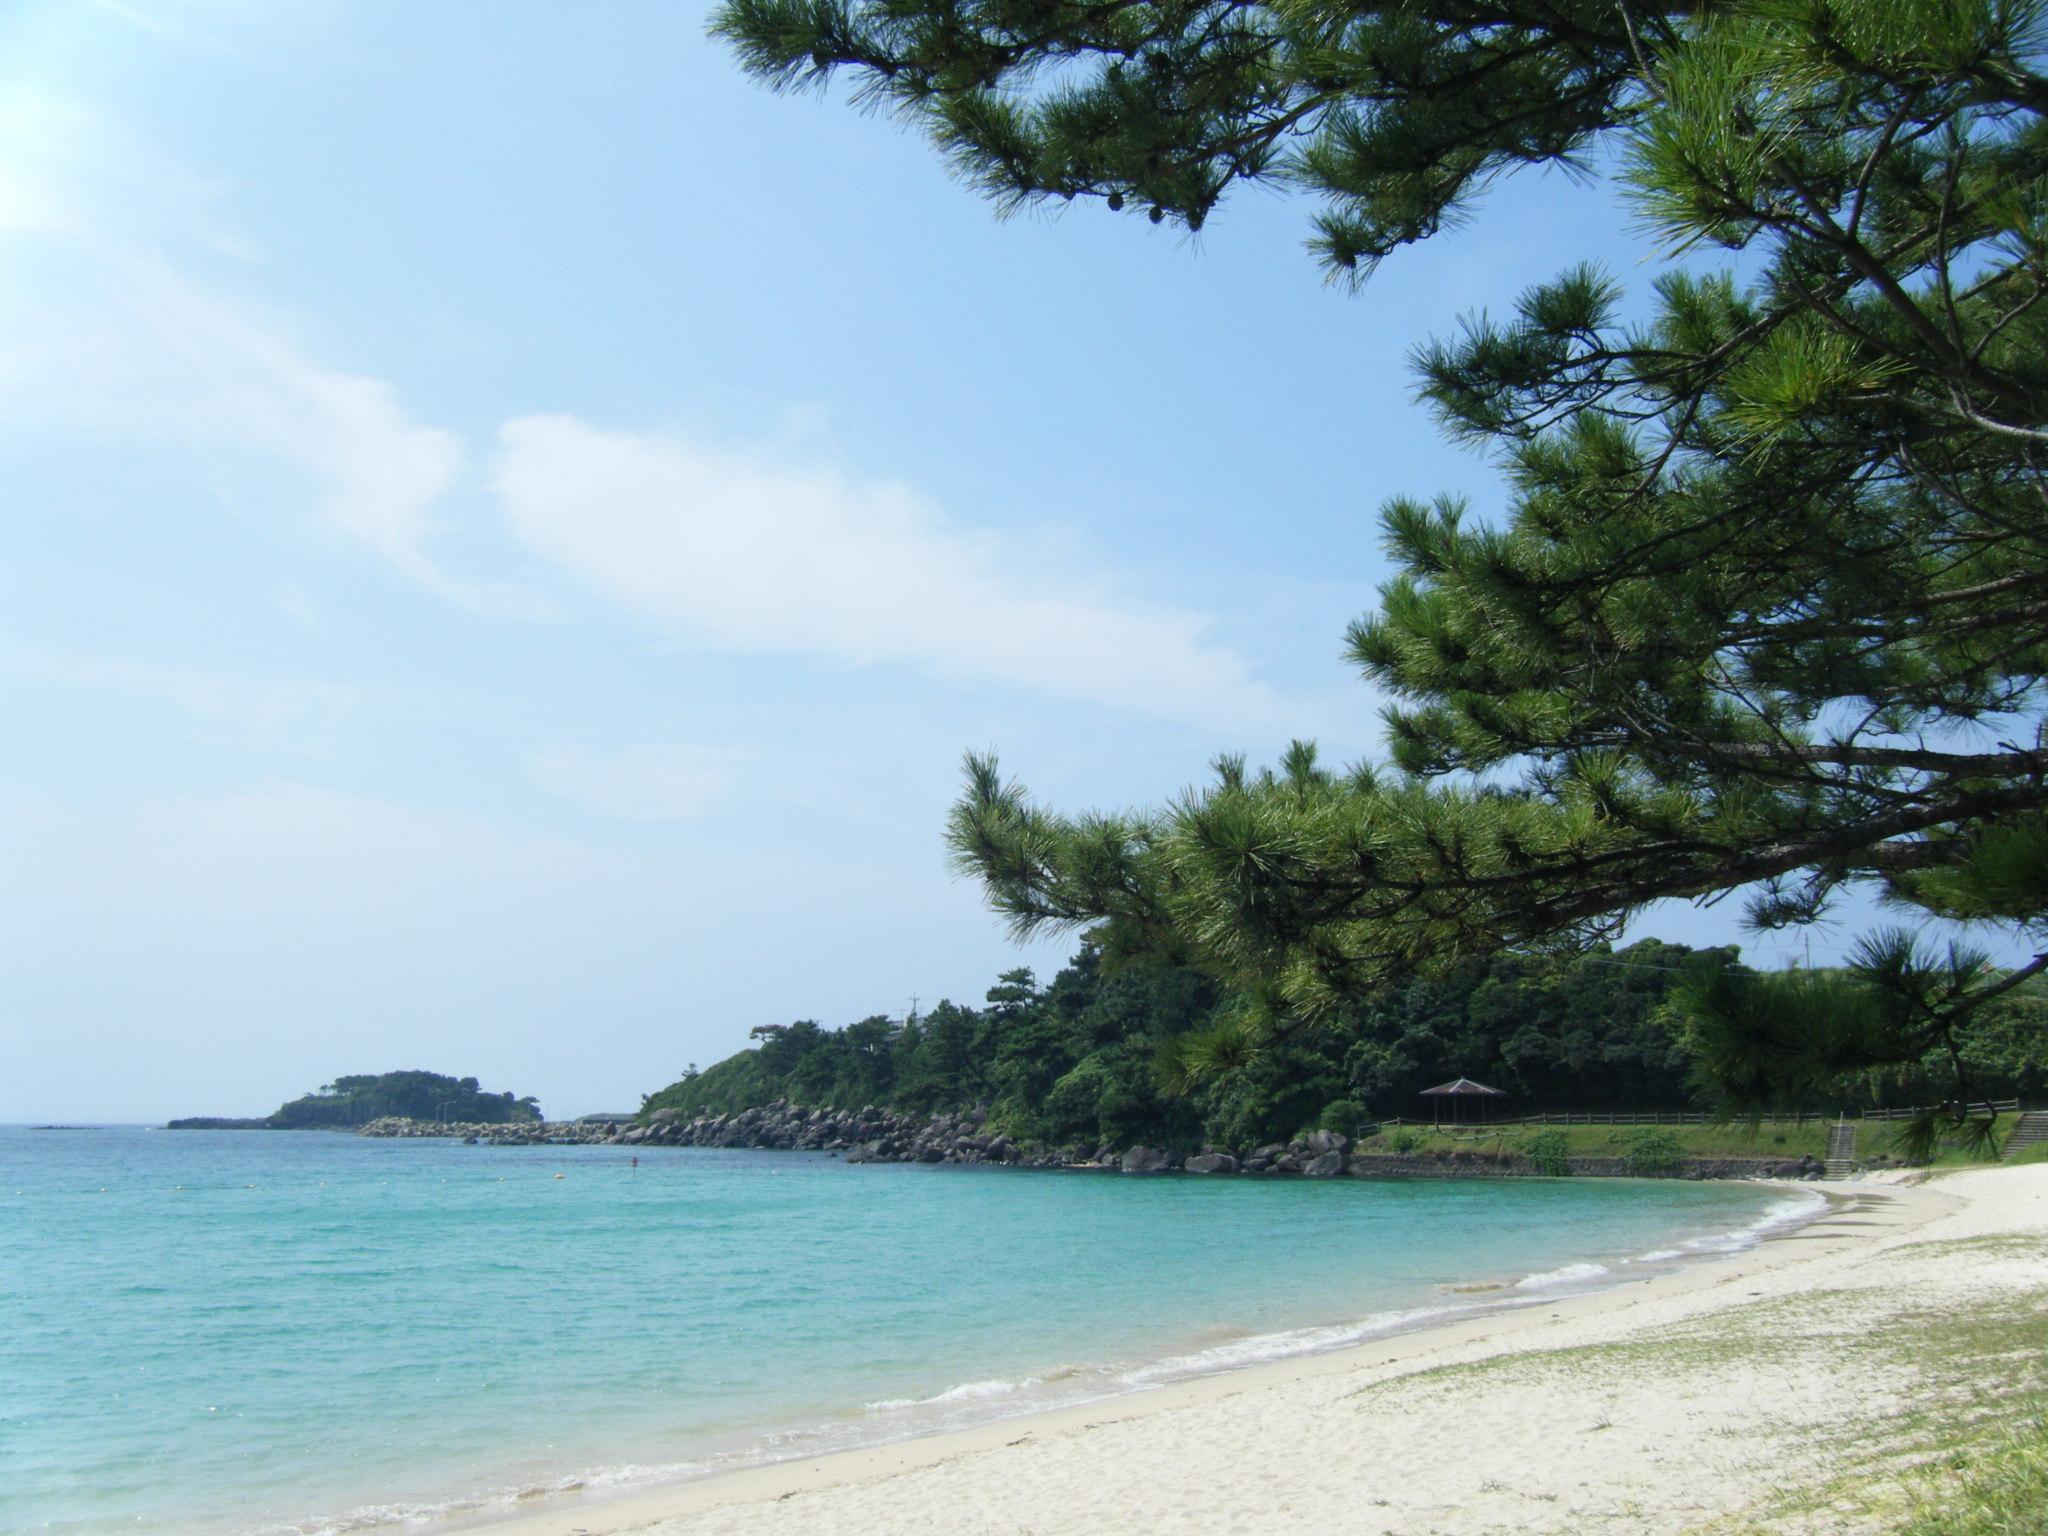 【壱岐】壱岐でリゾート気分【筒城浜】